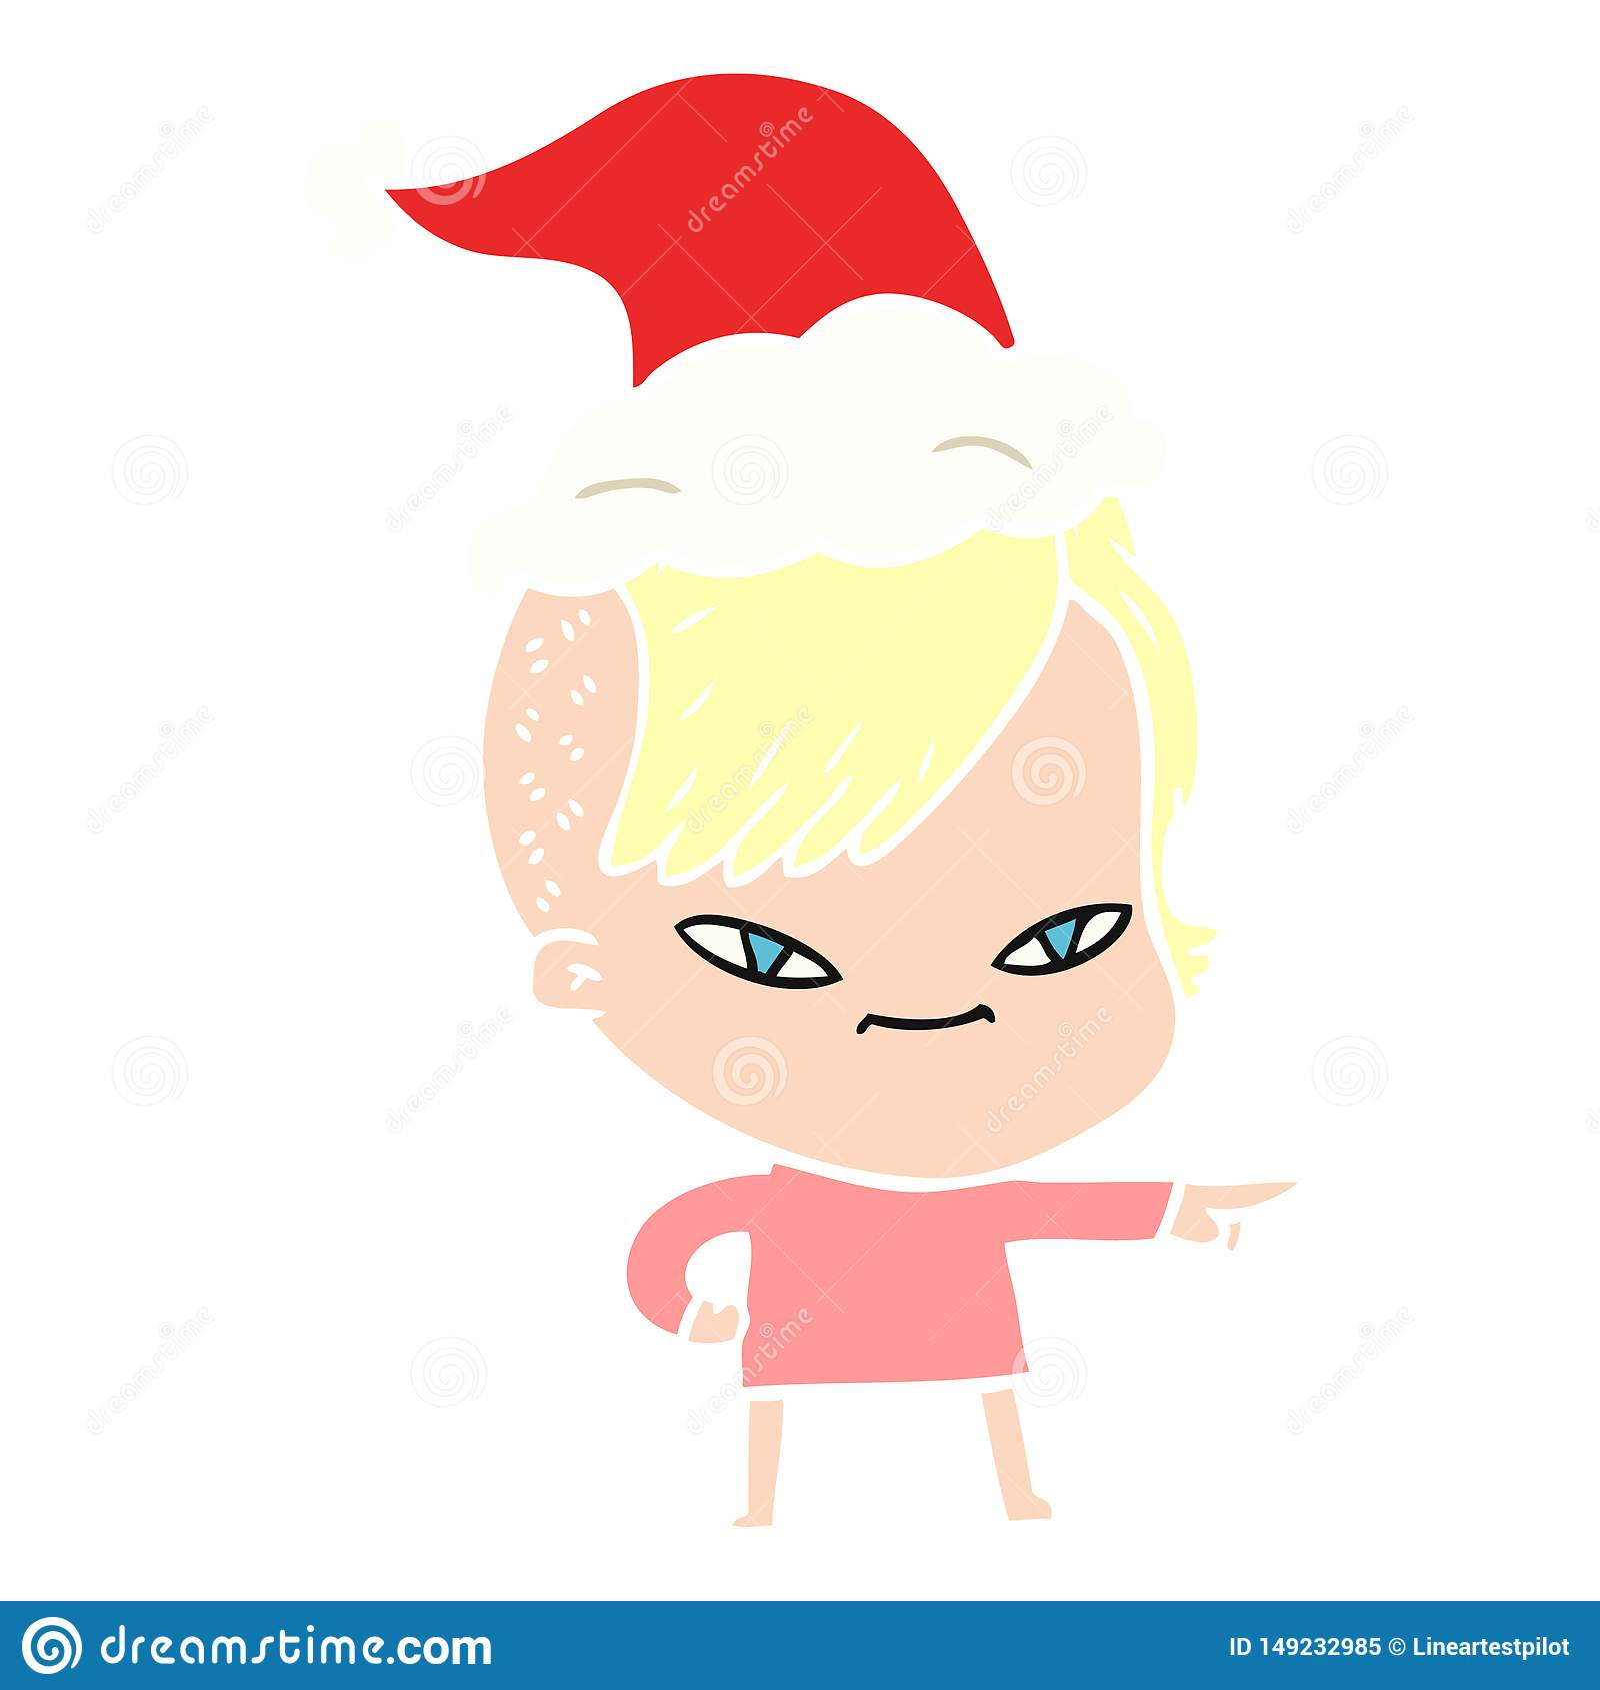 χαριτωμένη επίπεδη έγχρωμη εικονογράφηση ενός κοριτσιού με το κούρεμα hipster που φορά το καπέλο santa